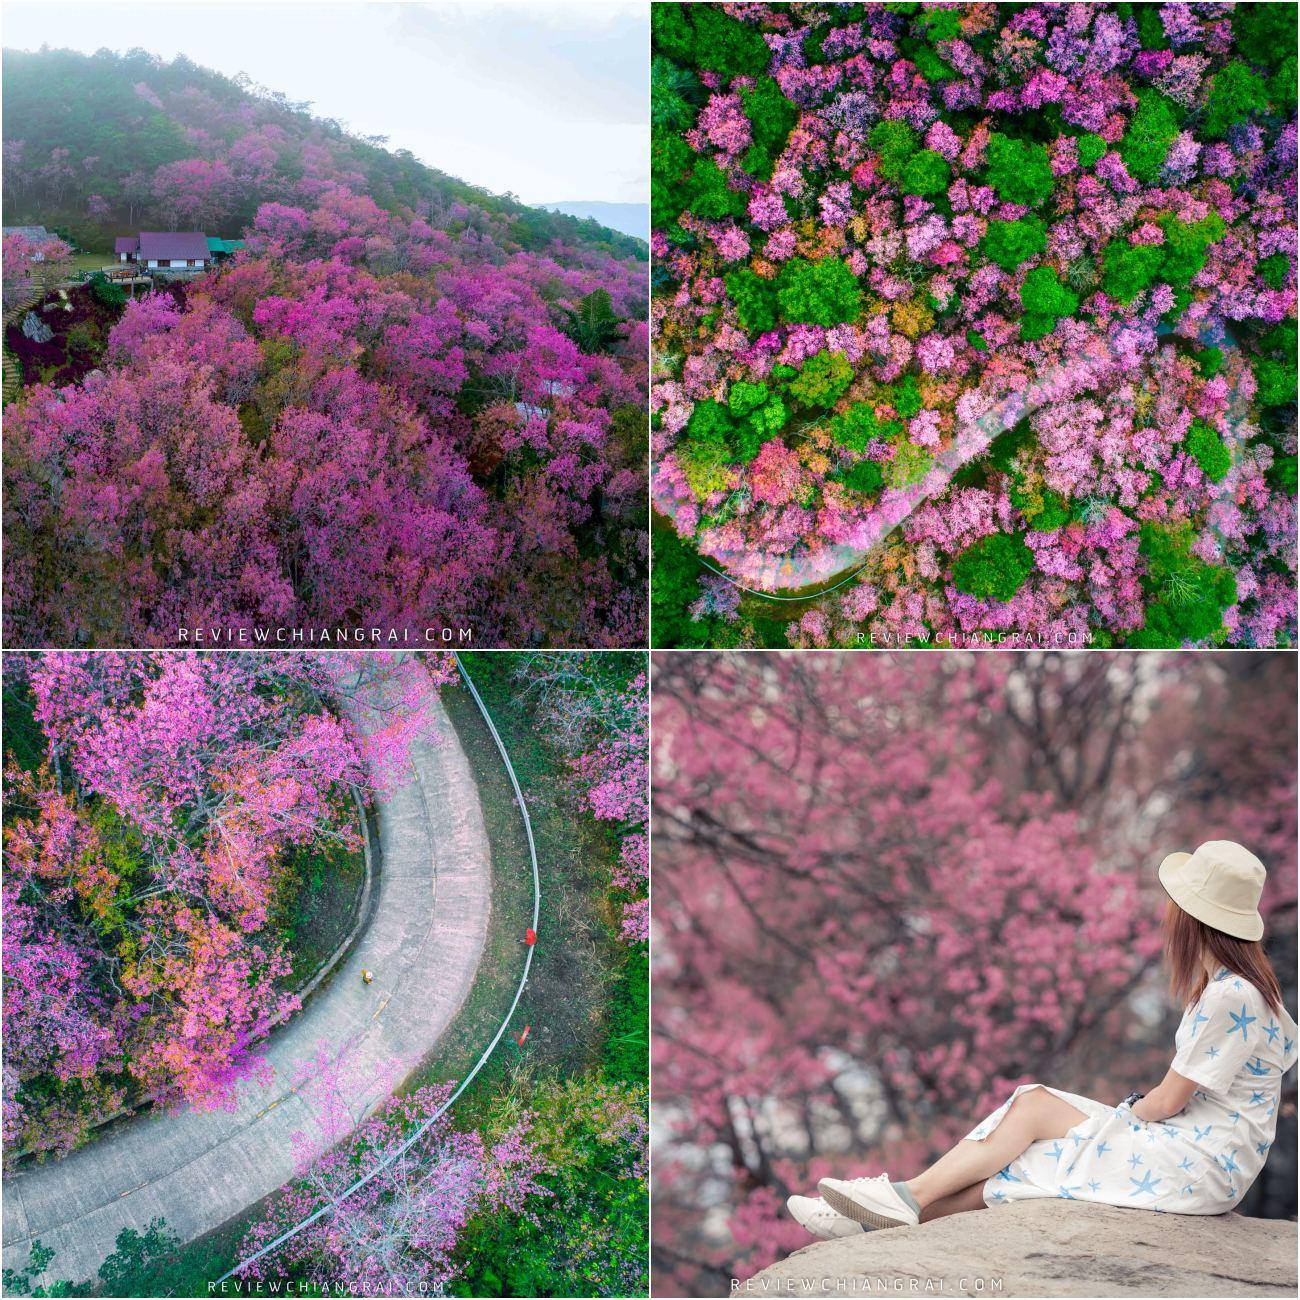 พิกัดปักหมุด ซากุระภูชี้ฟ้า จุดเช็คอินชมซากุระเมืองไทยอีกที่หนึ่งบรรยากาศดีมวากก พร้อมวิวธรรมชาติสวยๆไม่ต้องไปถึงญี่ปุ่นวิวไม่แพ้กันแน่นอน